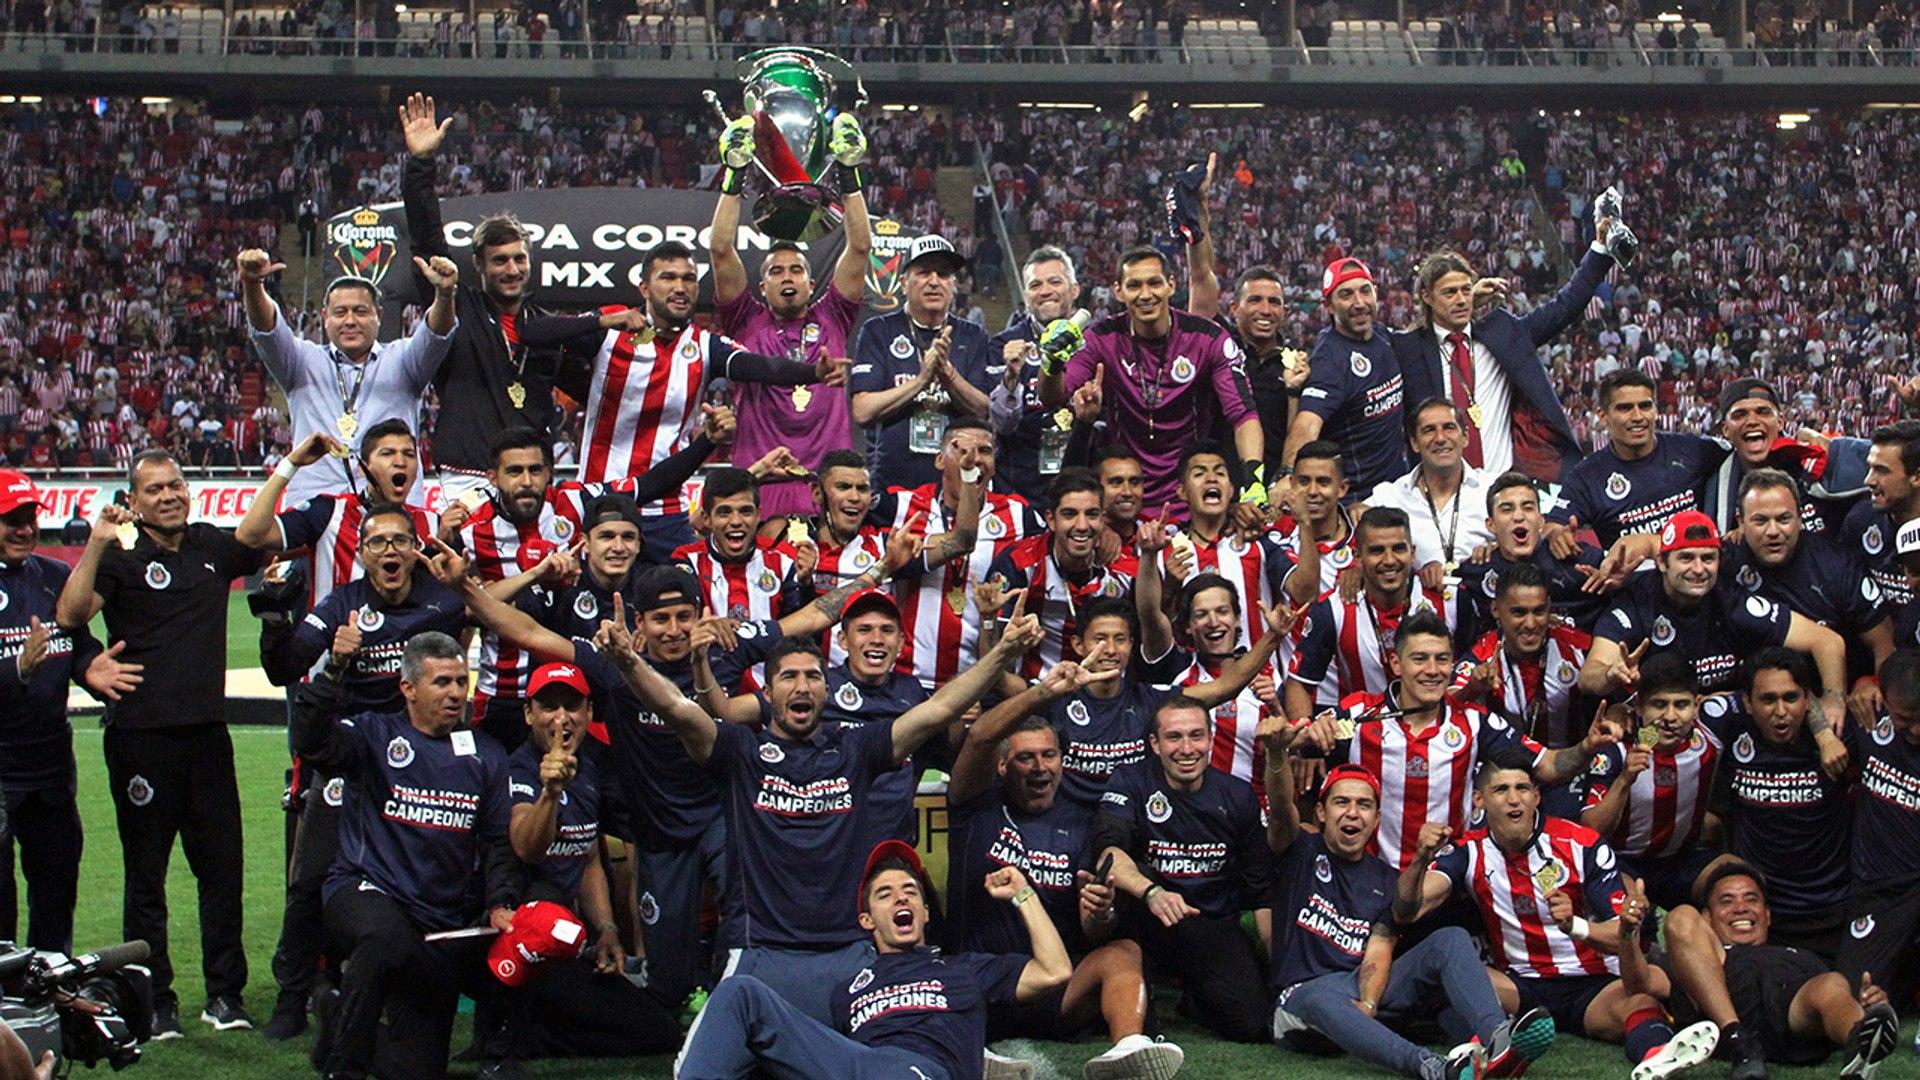 EXCLUSIVO: Bien por la Copa MX, ahora necesitan La Liga MX